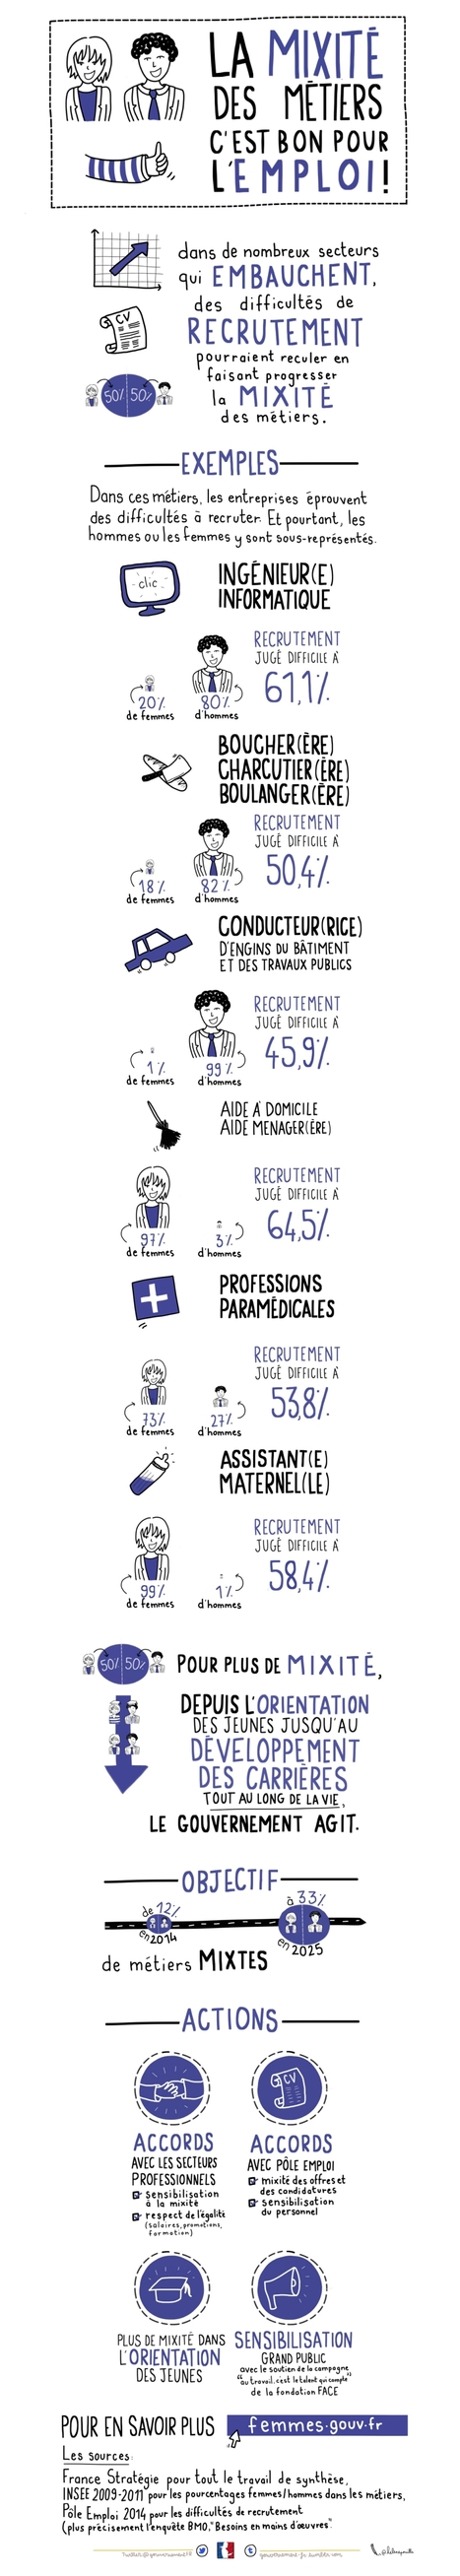 La mixité des métiers, c'est bon pour l'emploi! | Gouvernement.fr | Édition et livres jeunesse | Scoop.it